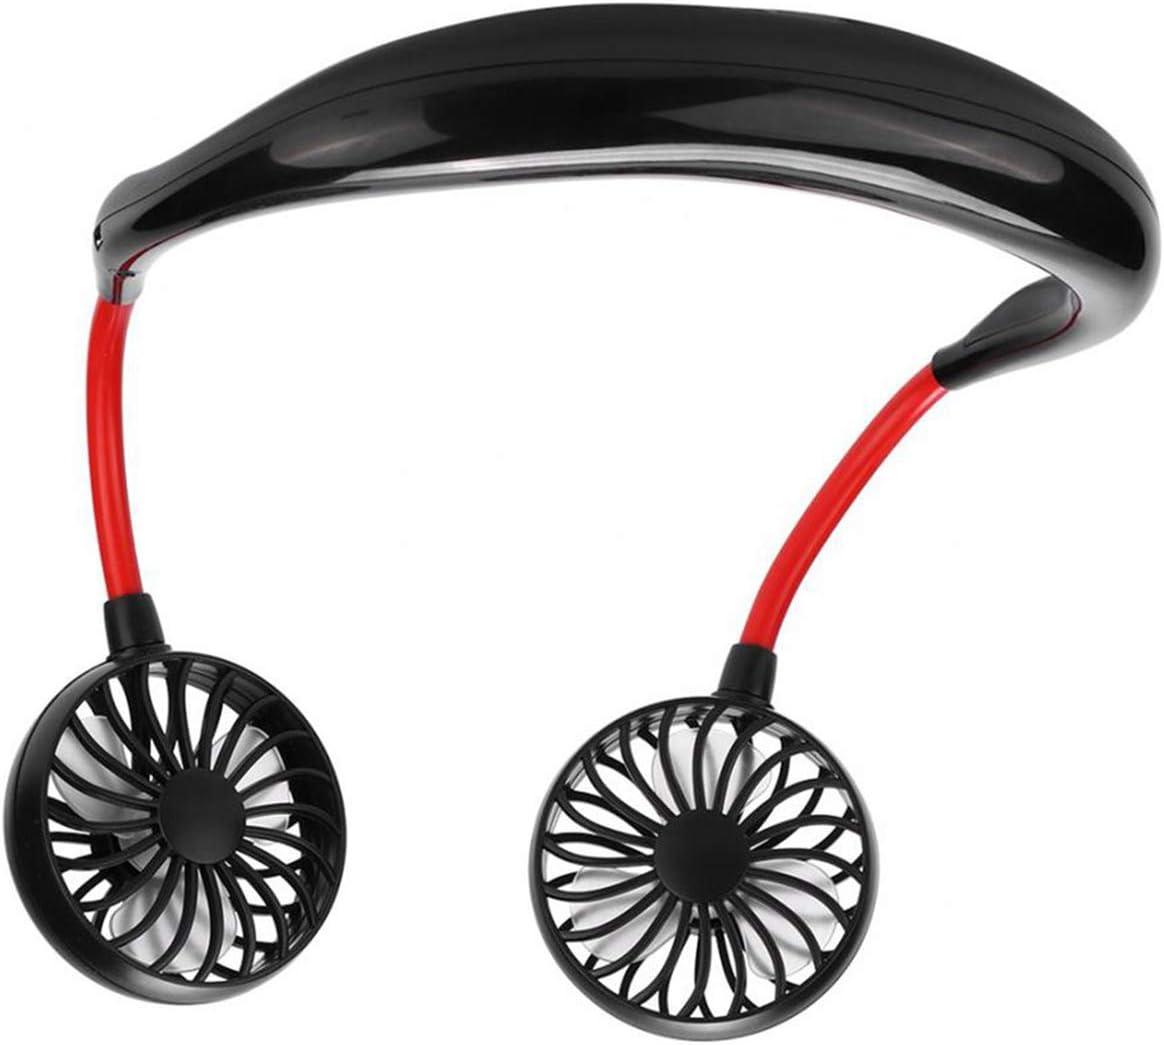 Neckband Wearable TEKEFT Portable Fan Earphone Design Hands-Free Small Personal Mini USB Fan Operating Neck Fan 360 Degree Adjustment Head Office Travel Outdoor Camping Black